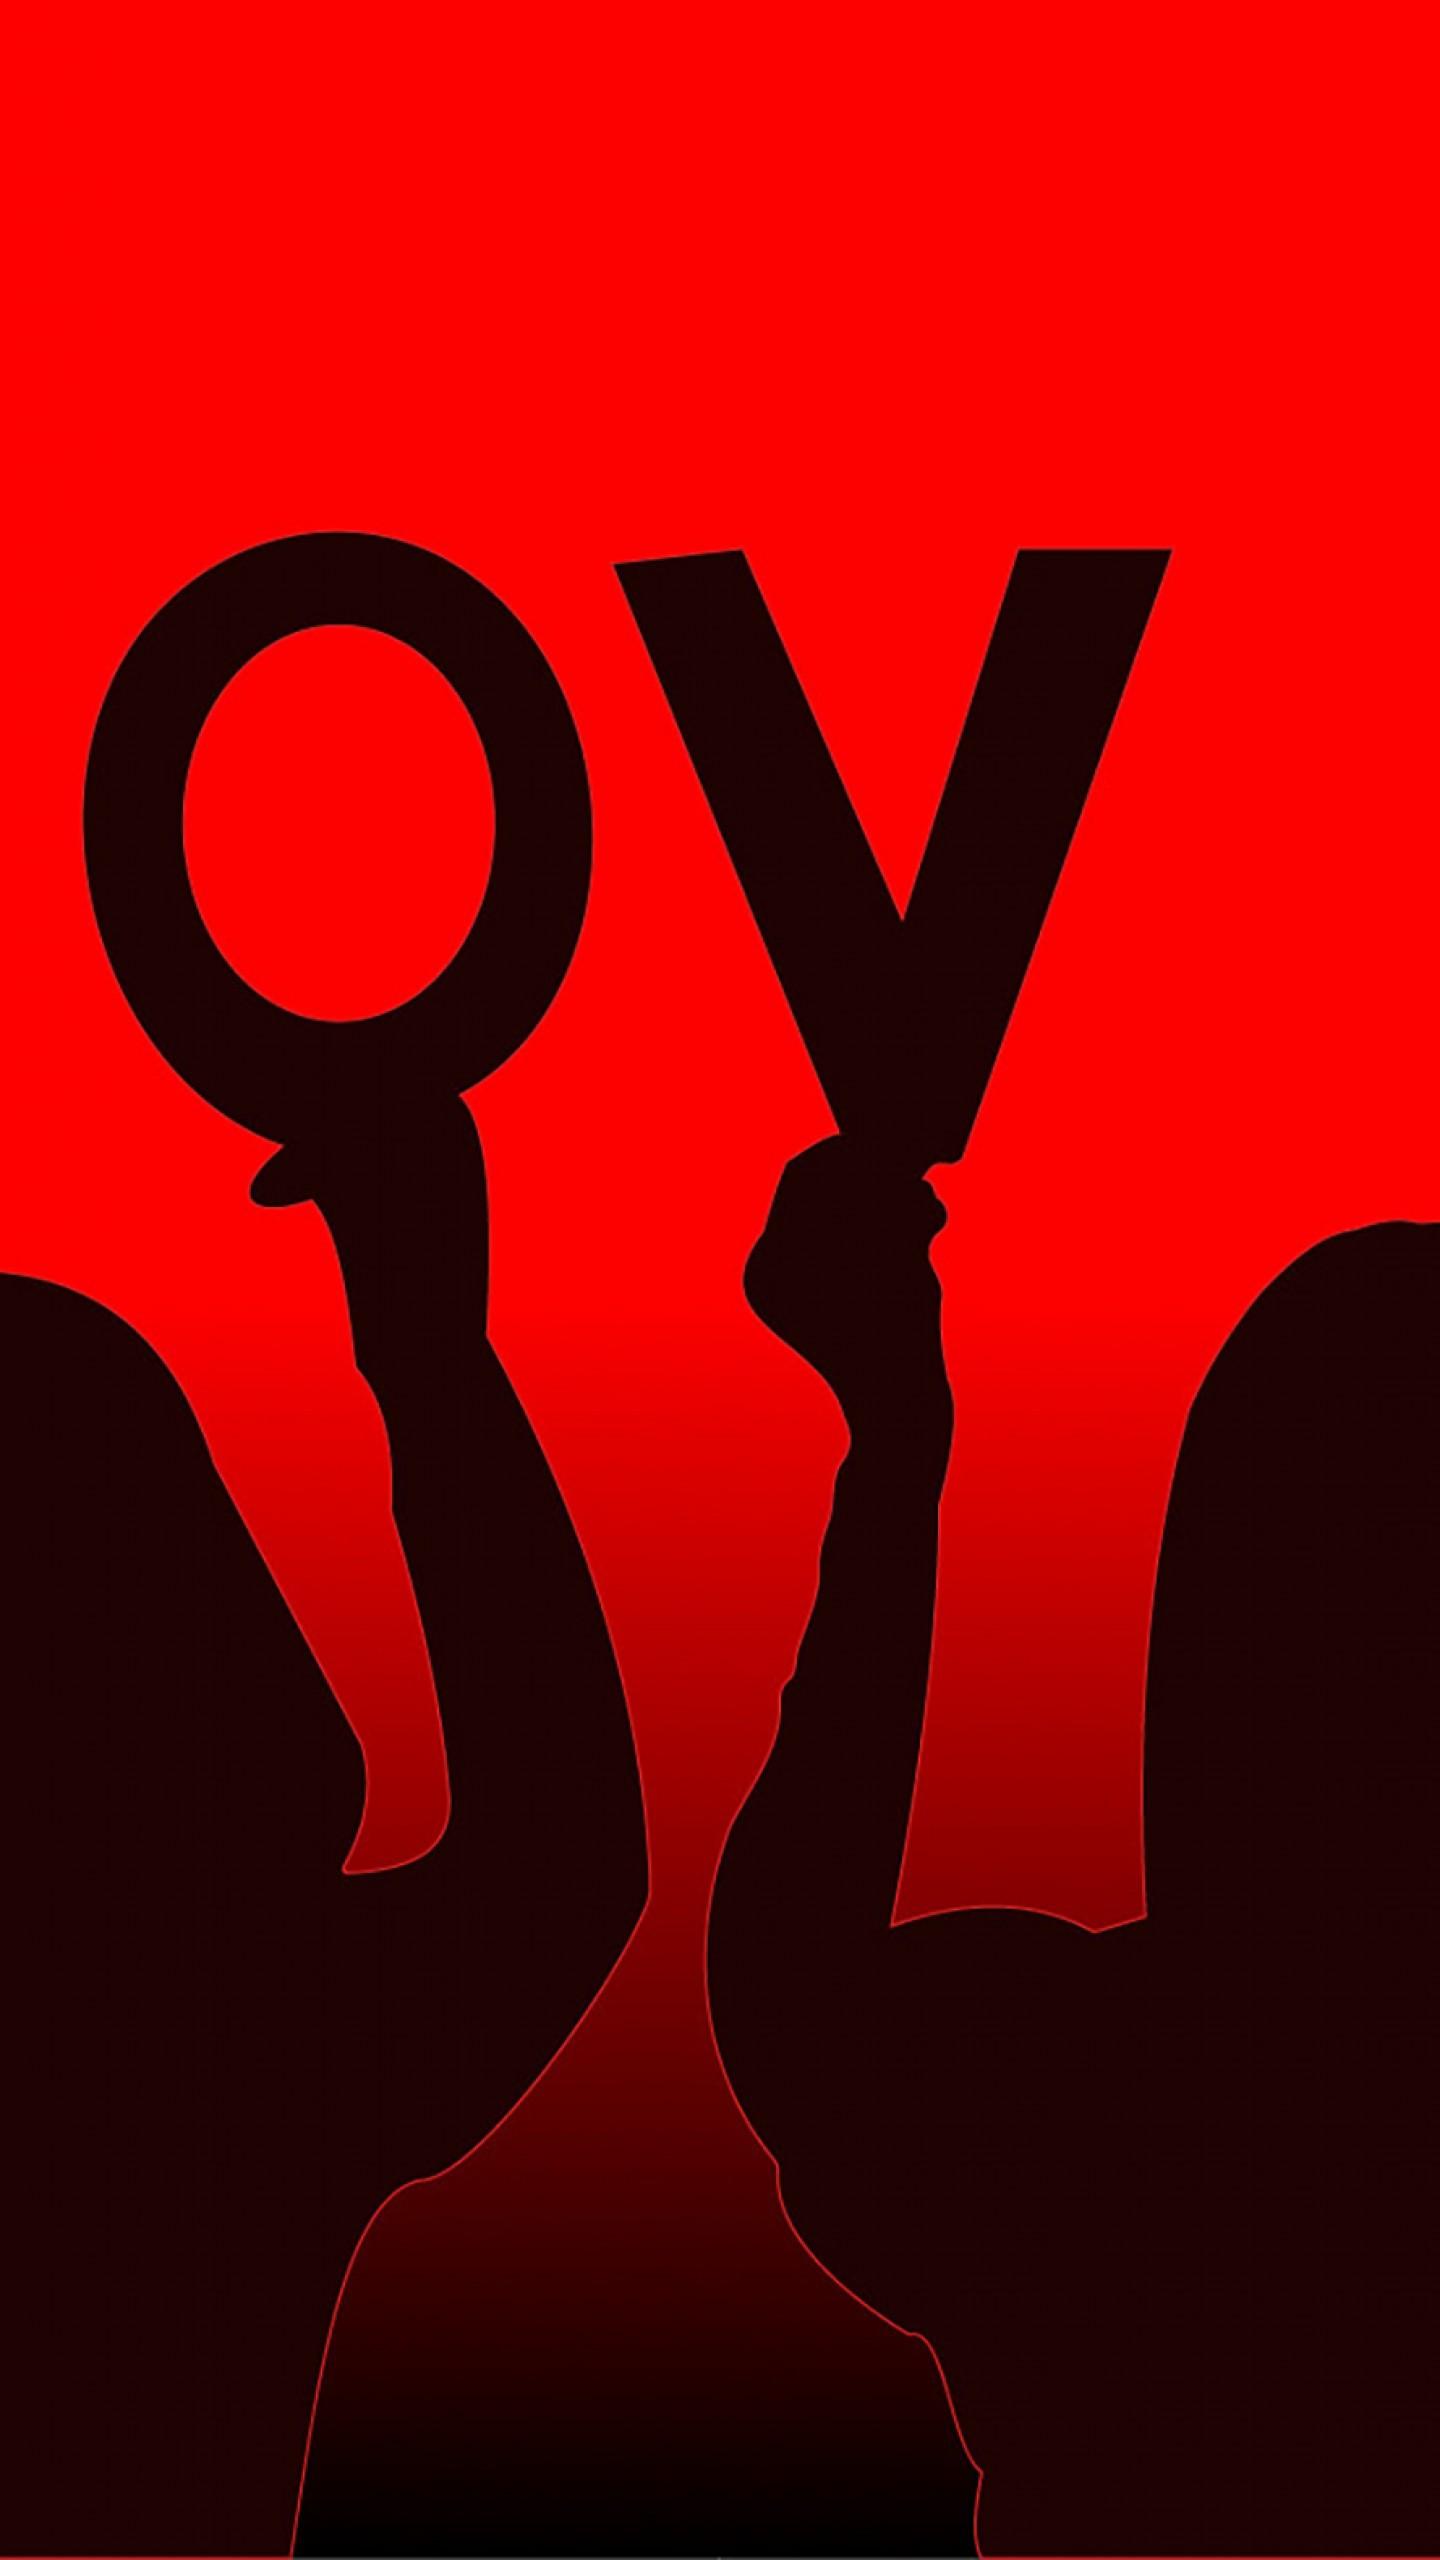 عکس زمینه پسر و دختر با حروف Love قرمز و مشکی پس زمینه